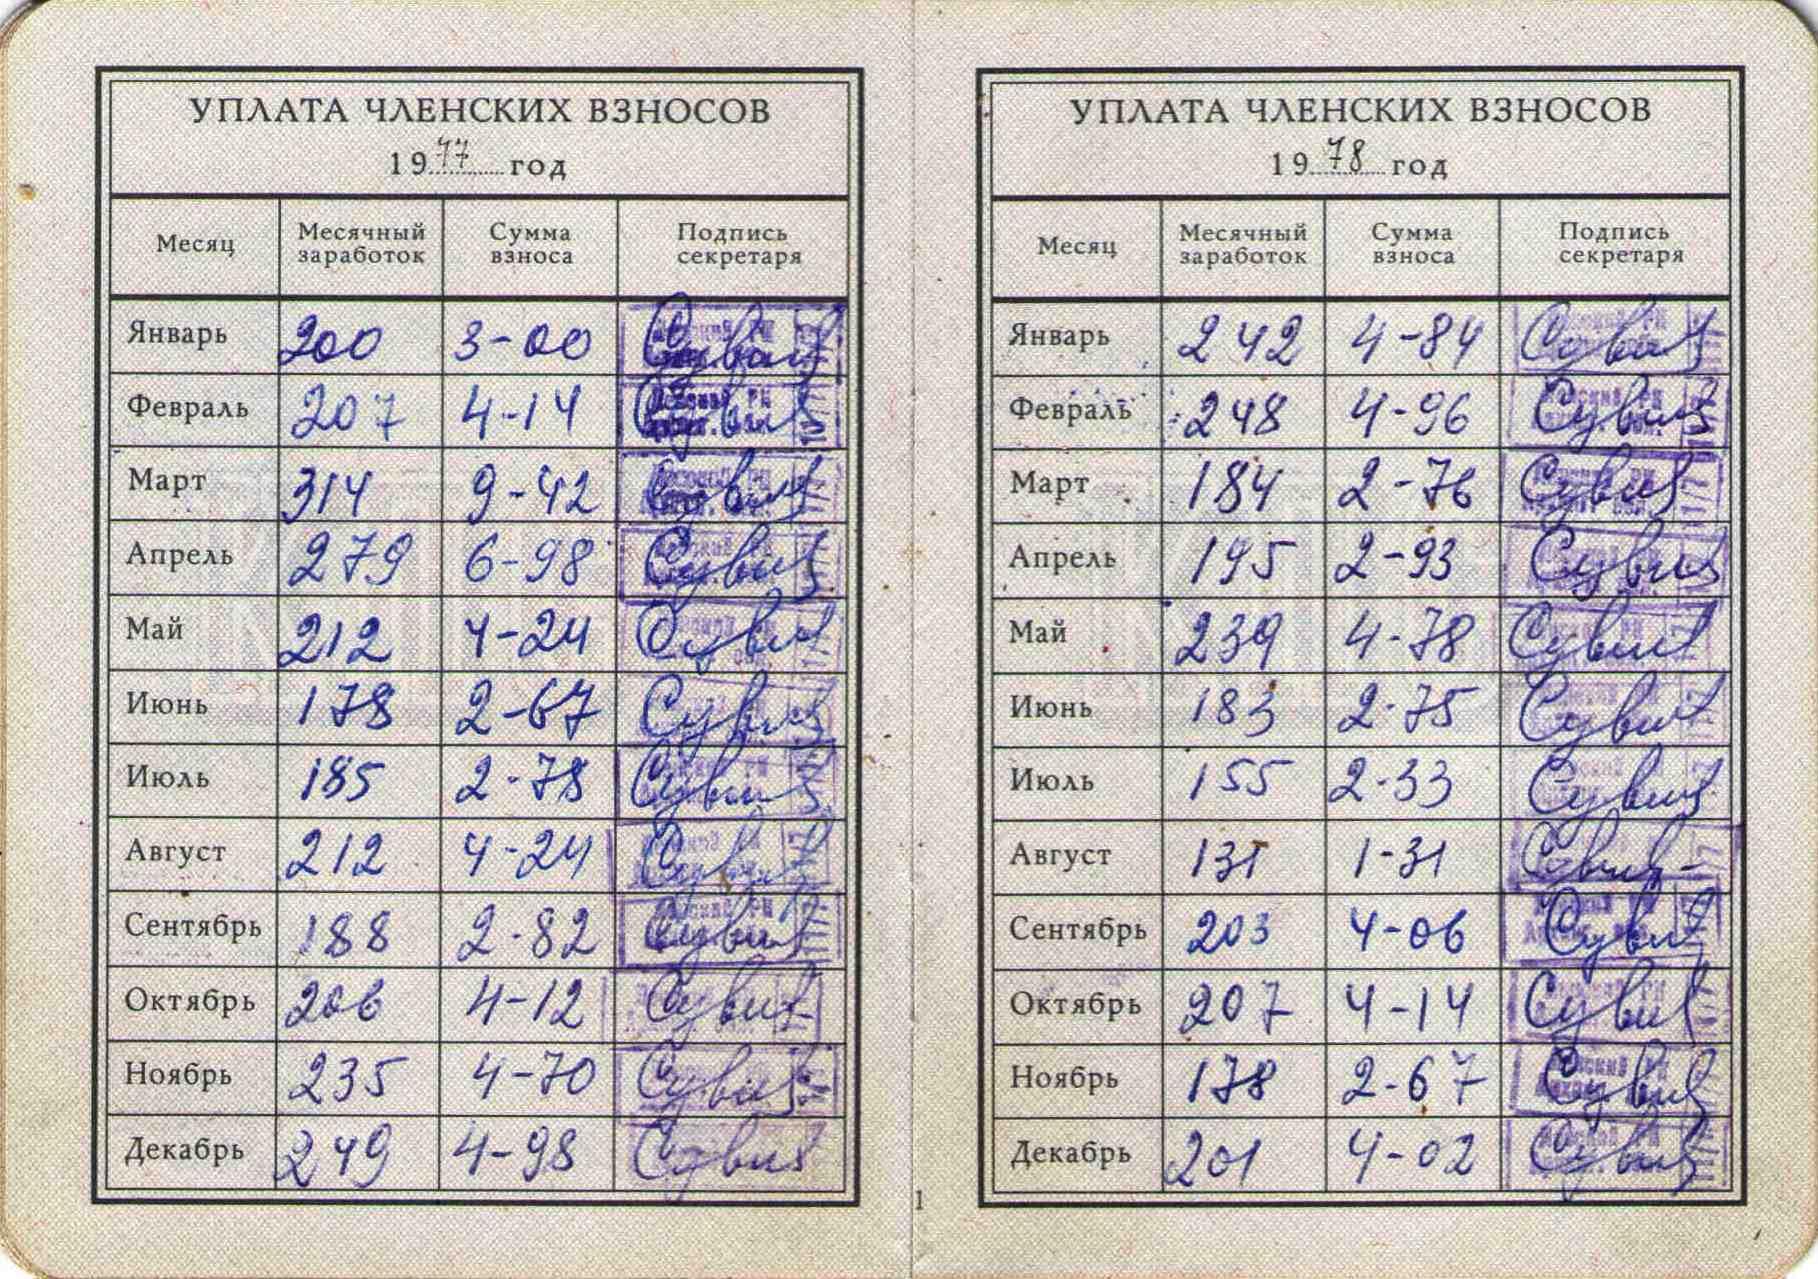 69. Партийный билет Барыкина ПП, 1974